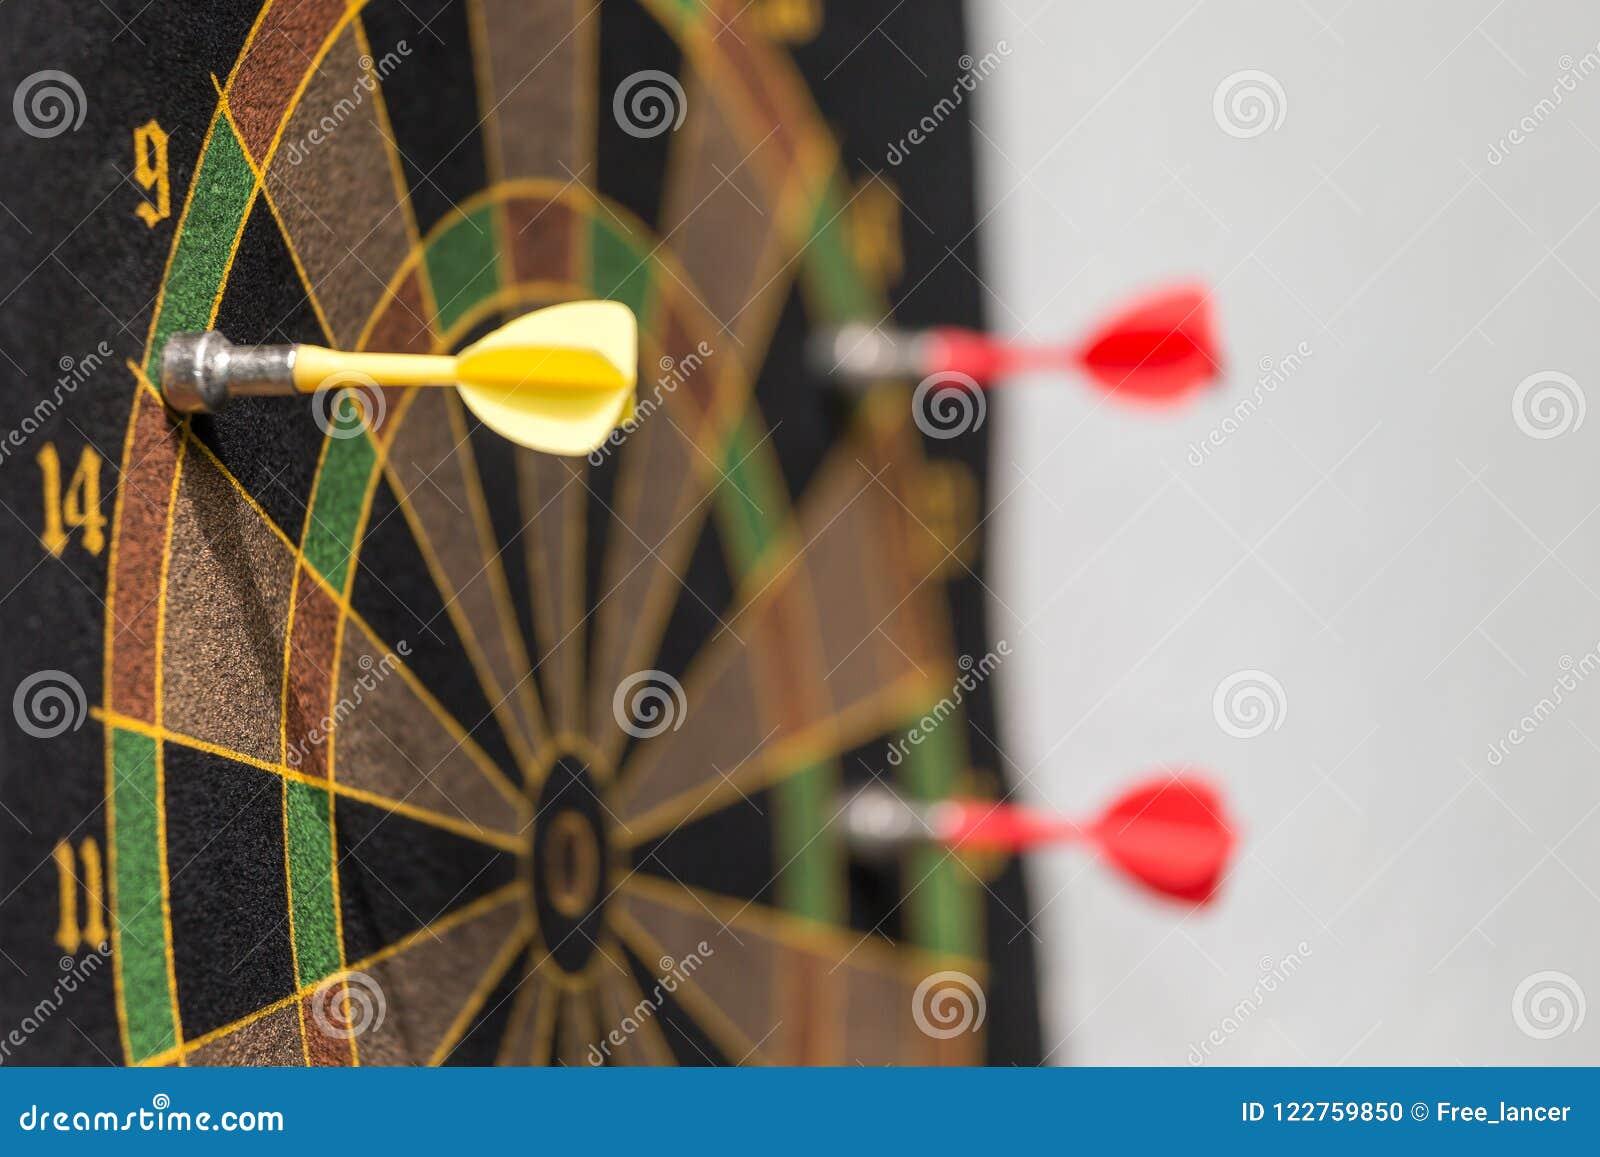 Dardeggia il gioco: concetto di scopo e dell obiettivo